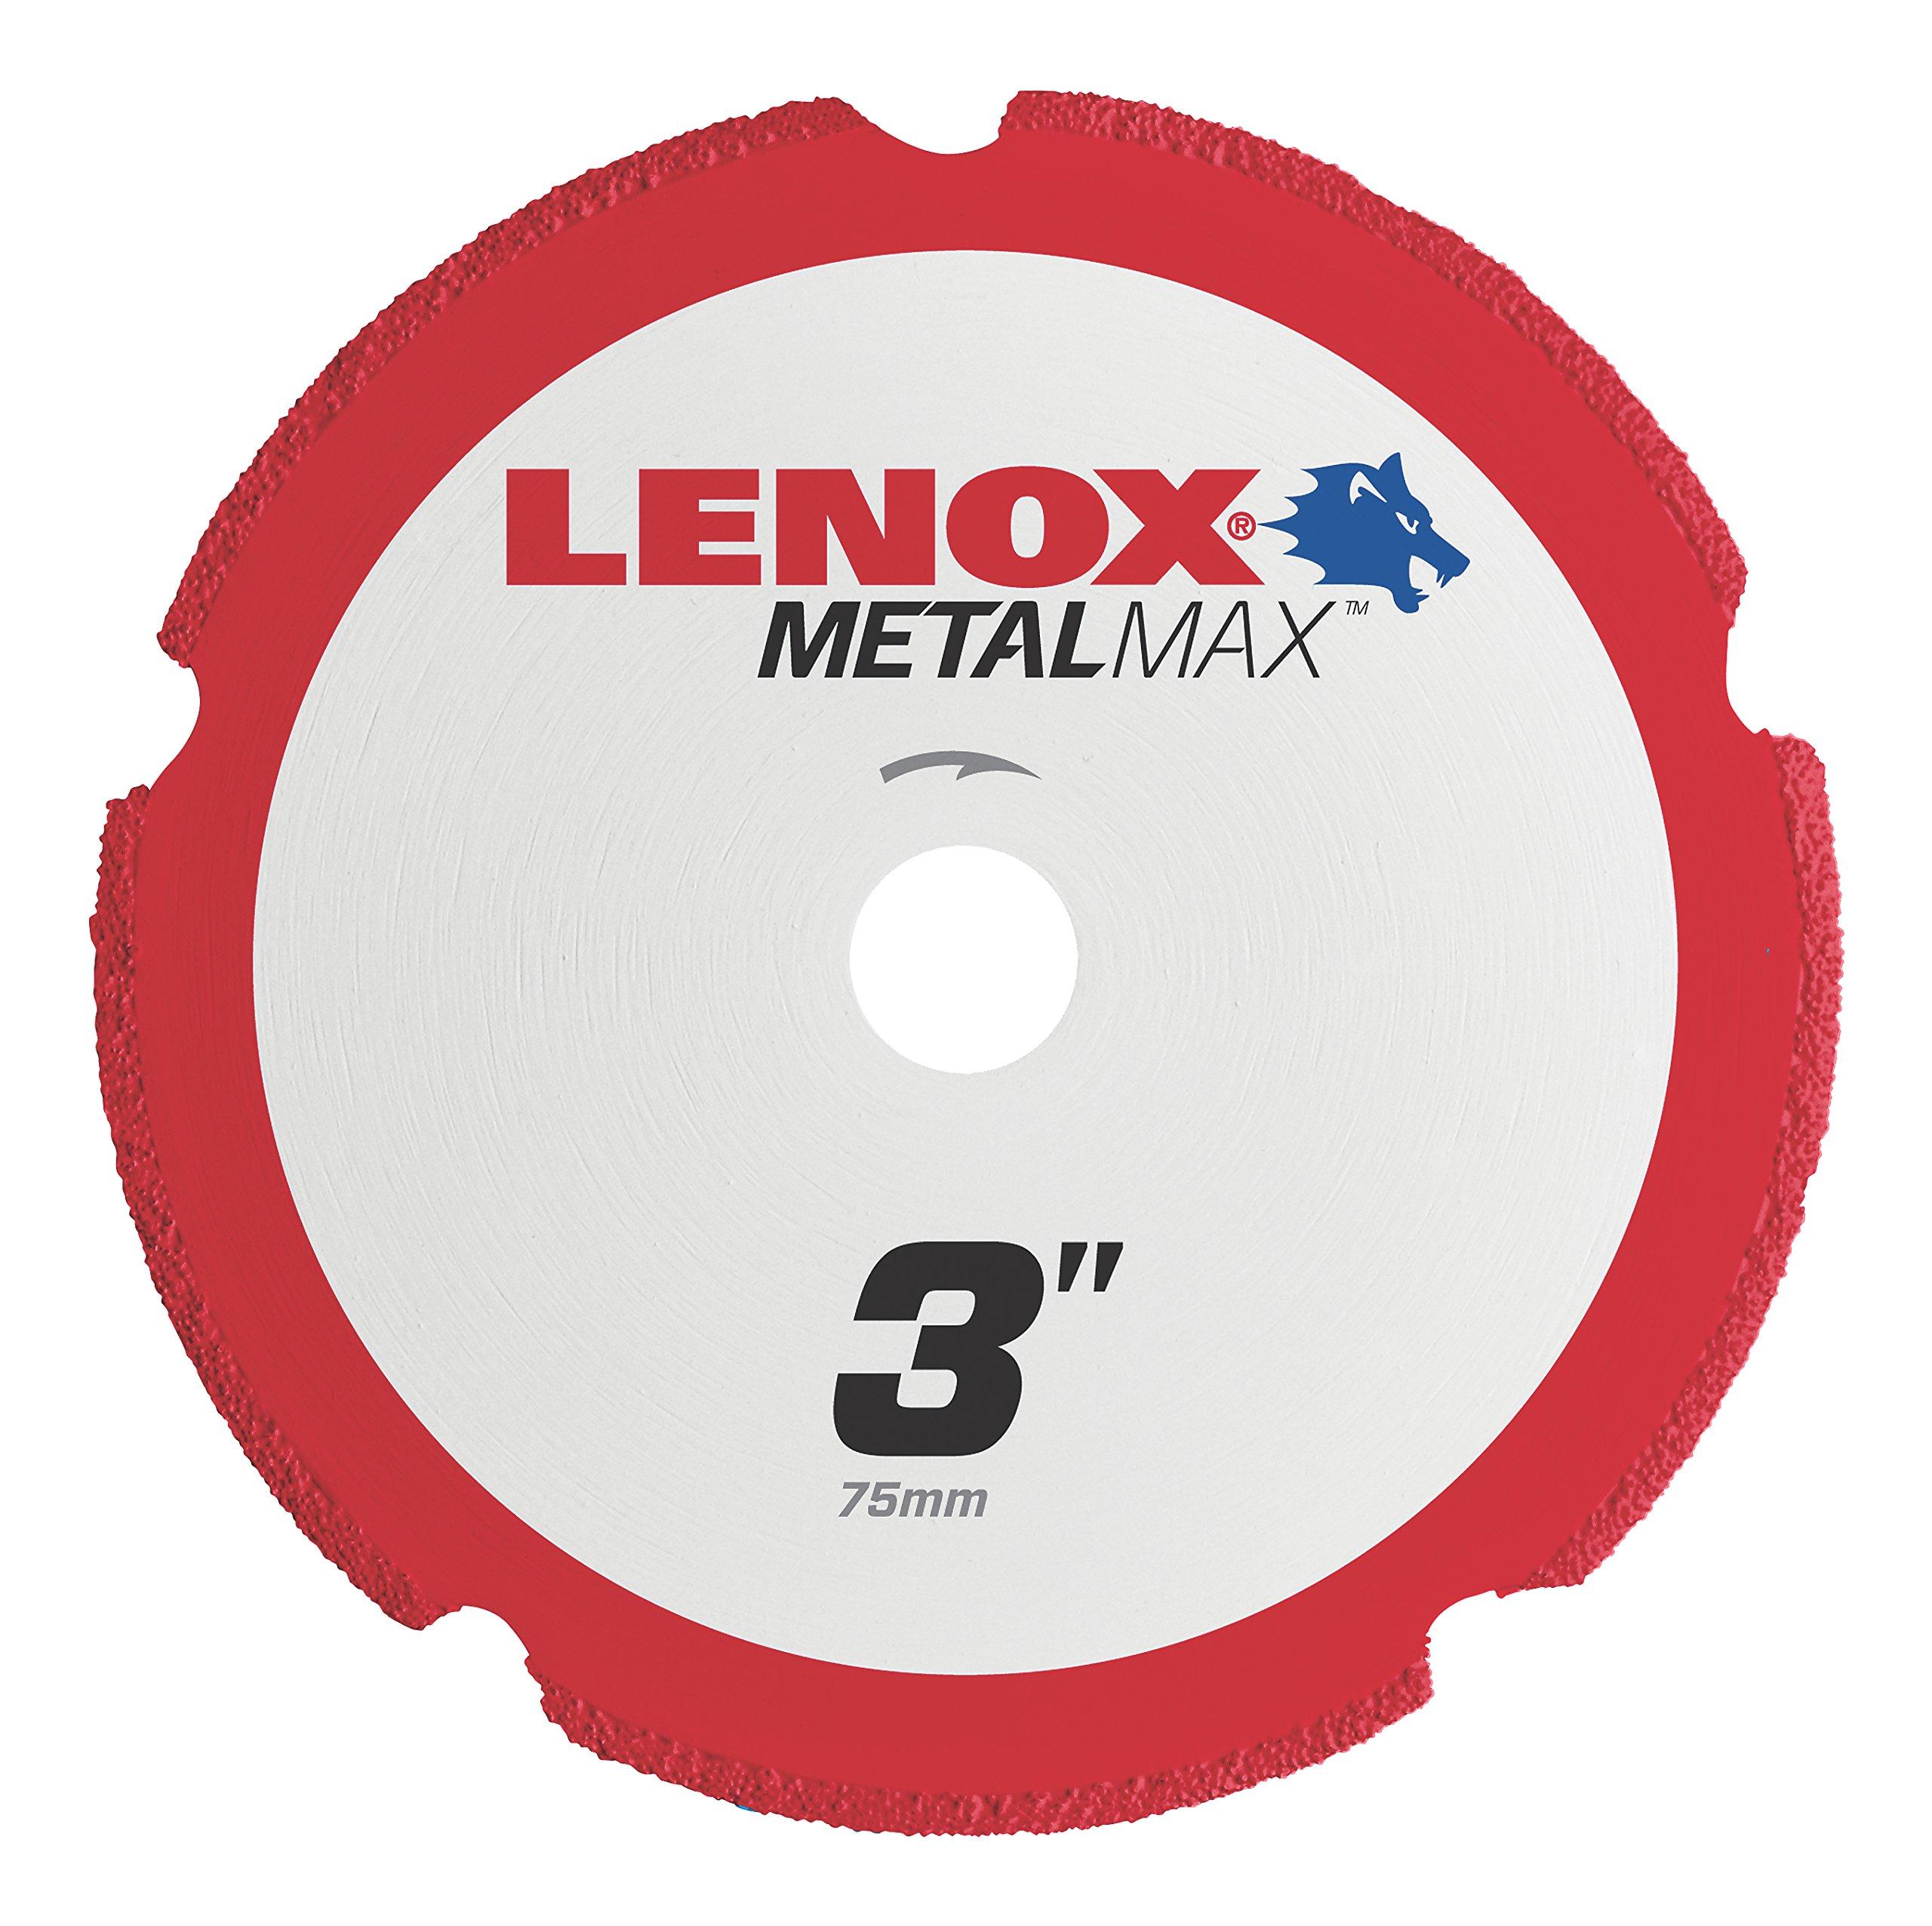 Lenox Tools 1972918 METALMAX Diamond Edge Cutoff Wheel, 3'' x 3/8'' by Lenox Tools